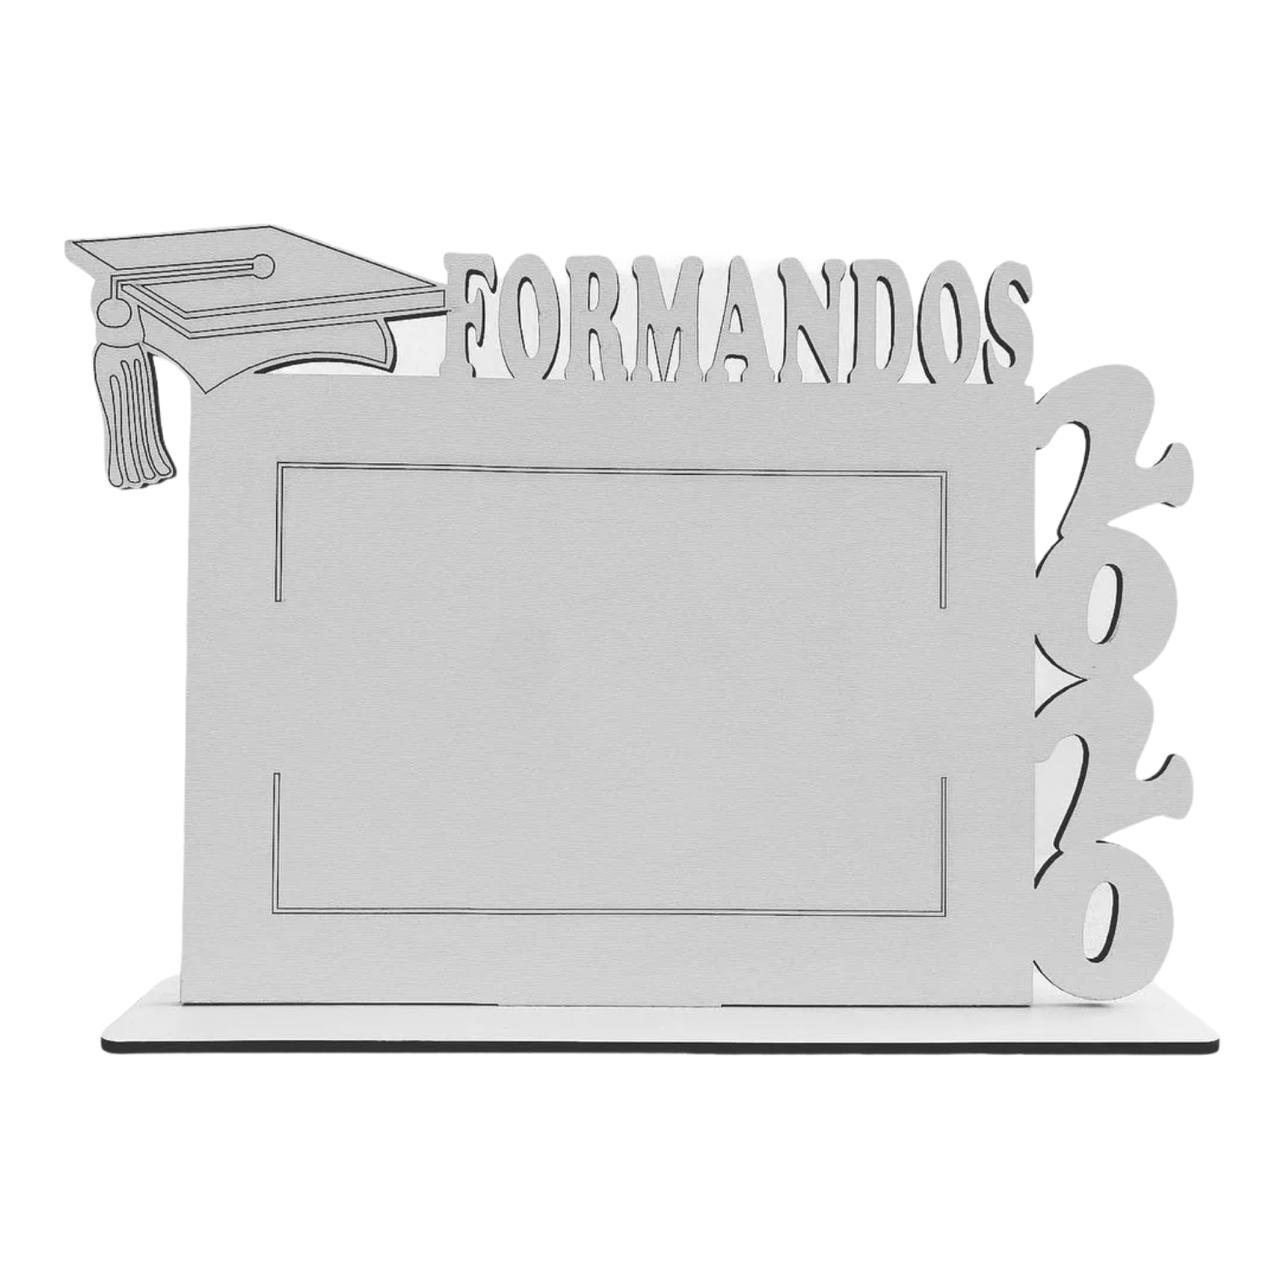 Porta Retrato Personalizado Formandos em MDF Branco Horizontal Formatura